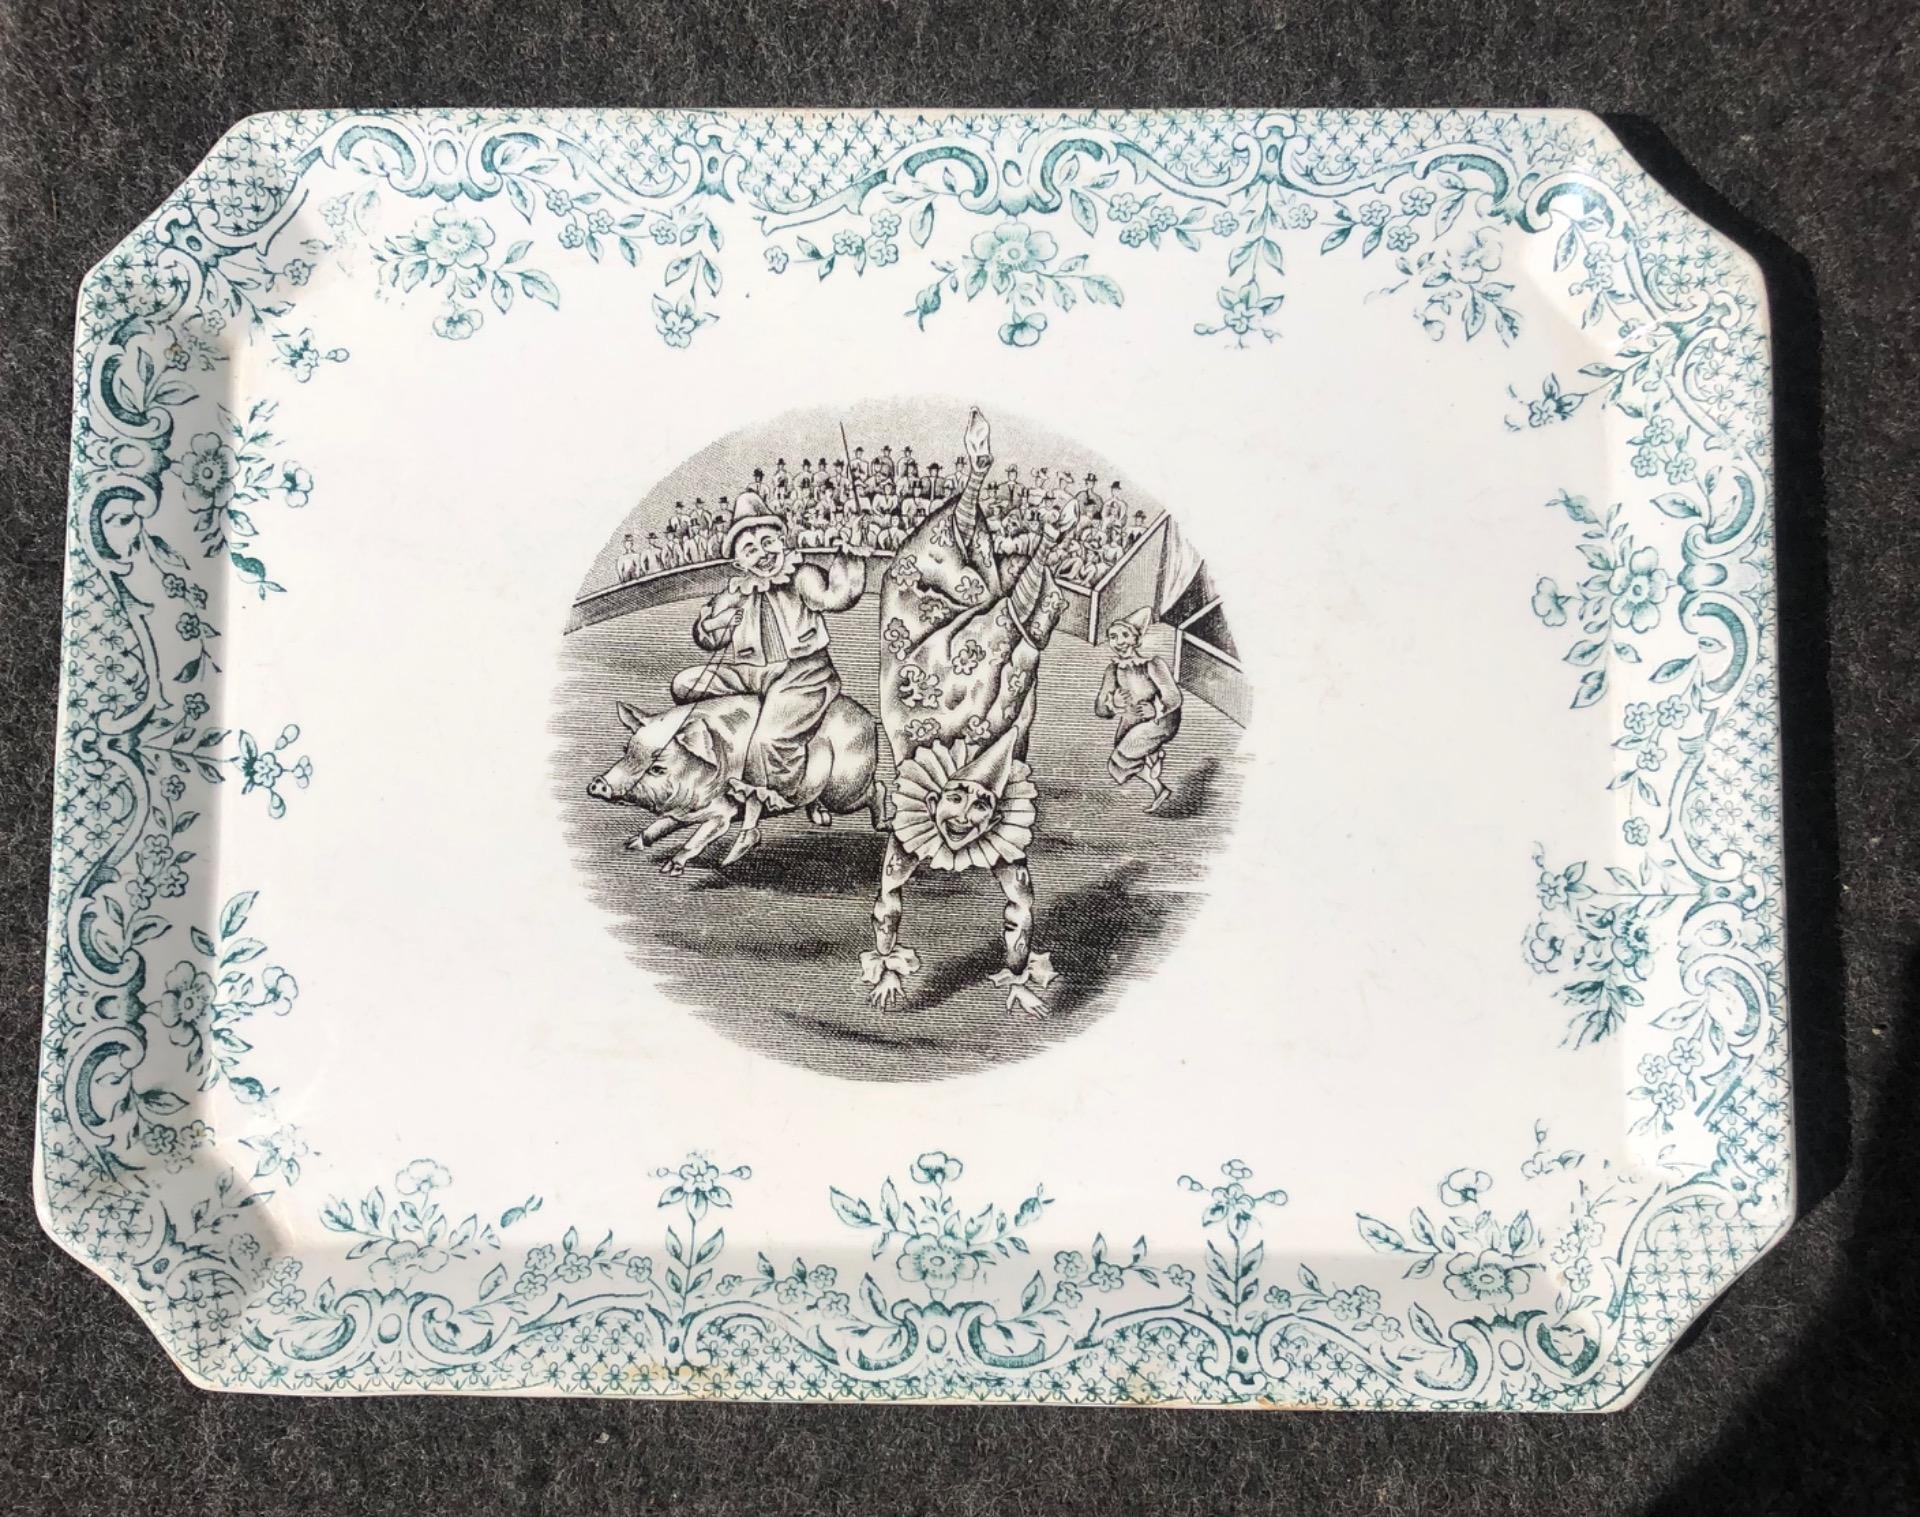 Vassoio in terraglia con decoro a decalcomania.Serie pagliacci.Societa' ceramica Lombarda.